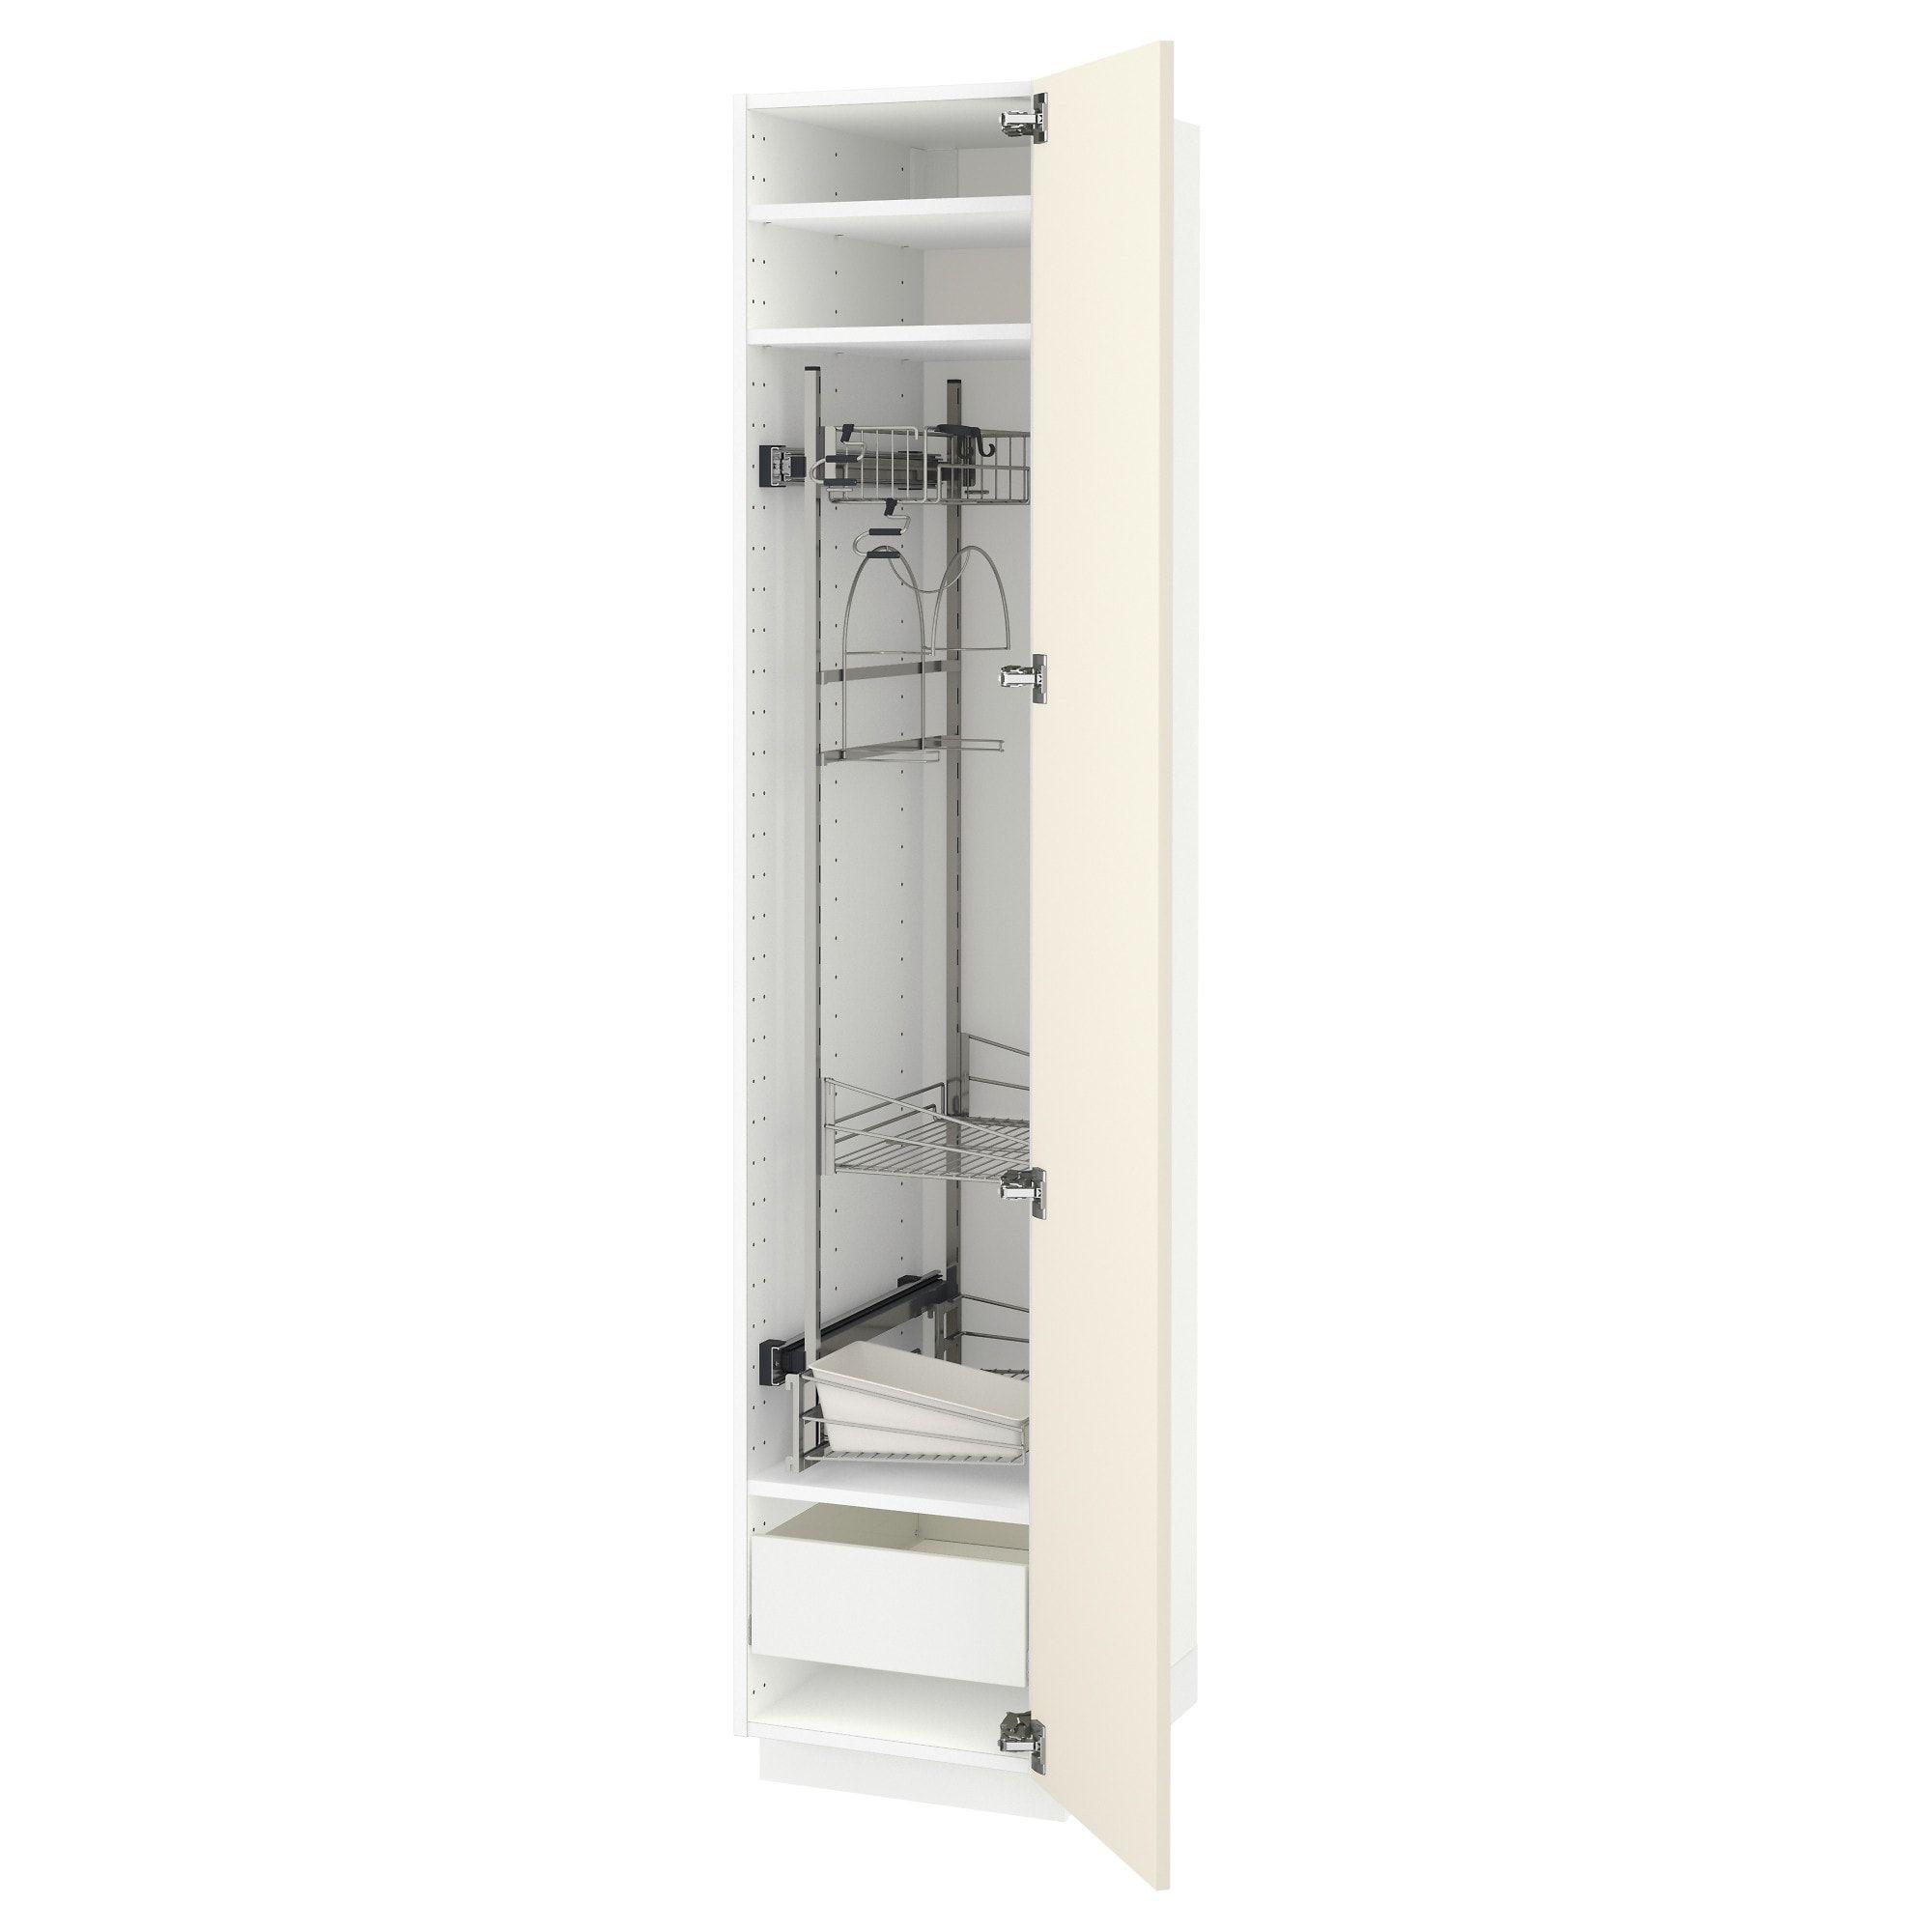 Ikea Metod Forvara Elt Haut Et Rangt Prod Entr Blanc